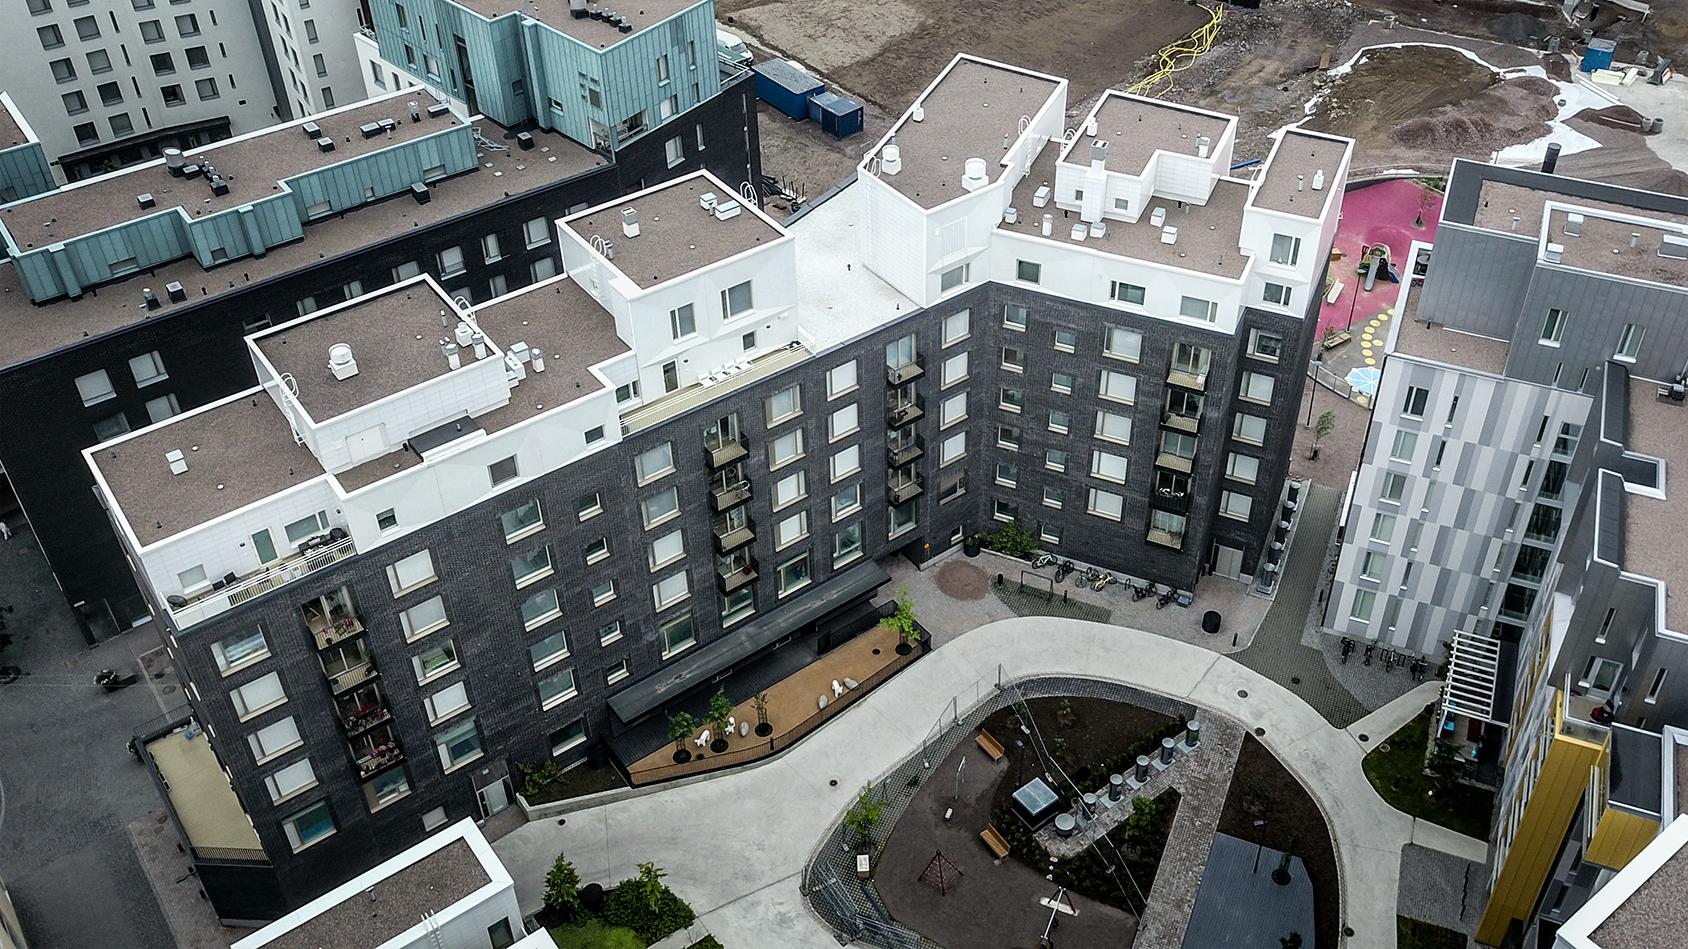 Uusi kerrostalo Jätkäsaaressa, Helsingissä. Katokerroksiin asennettu omaperäinen klinkkerilankkujulkisivu.